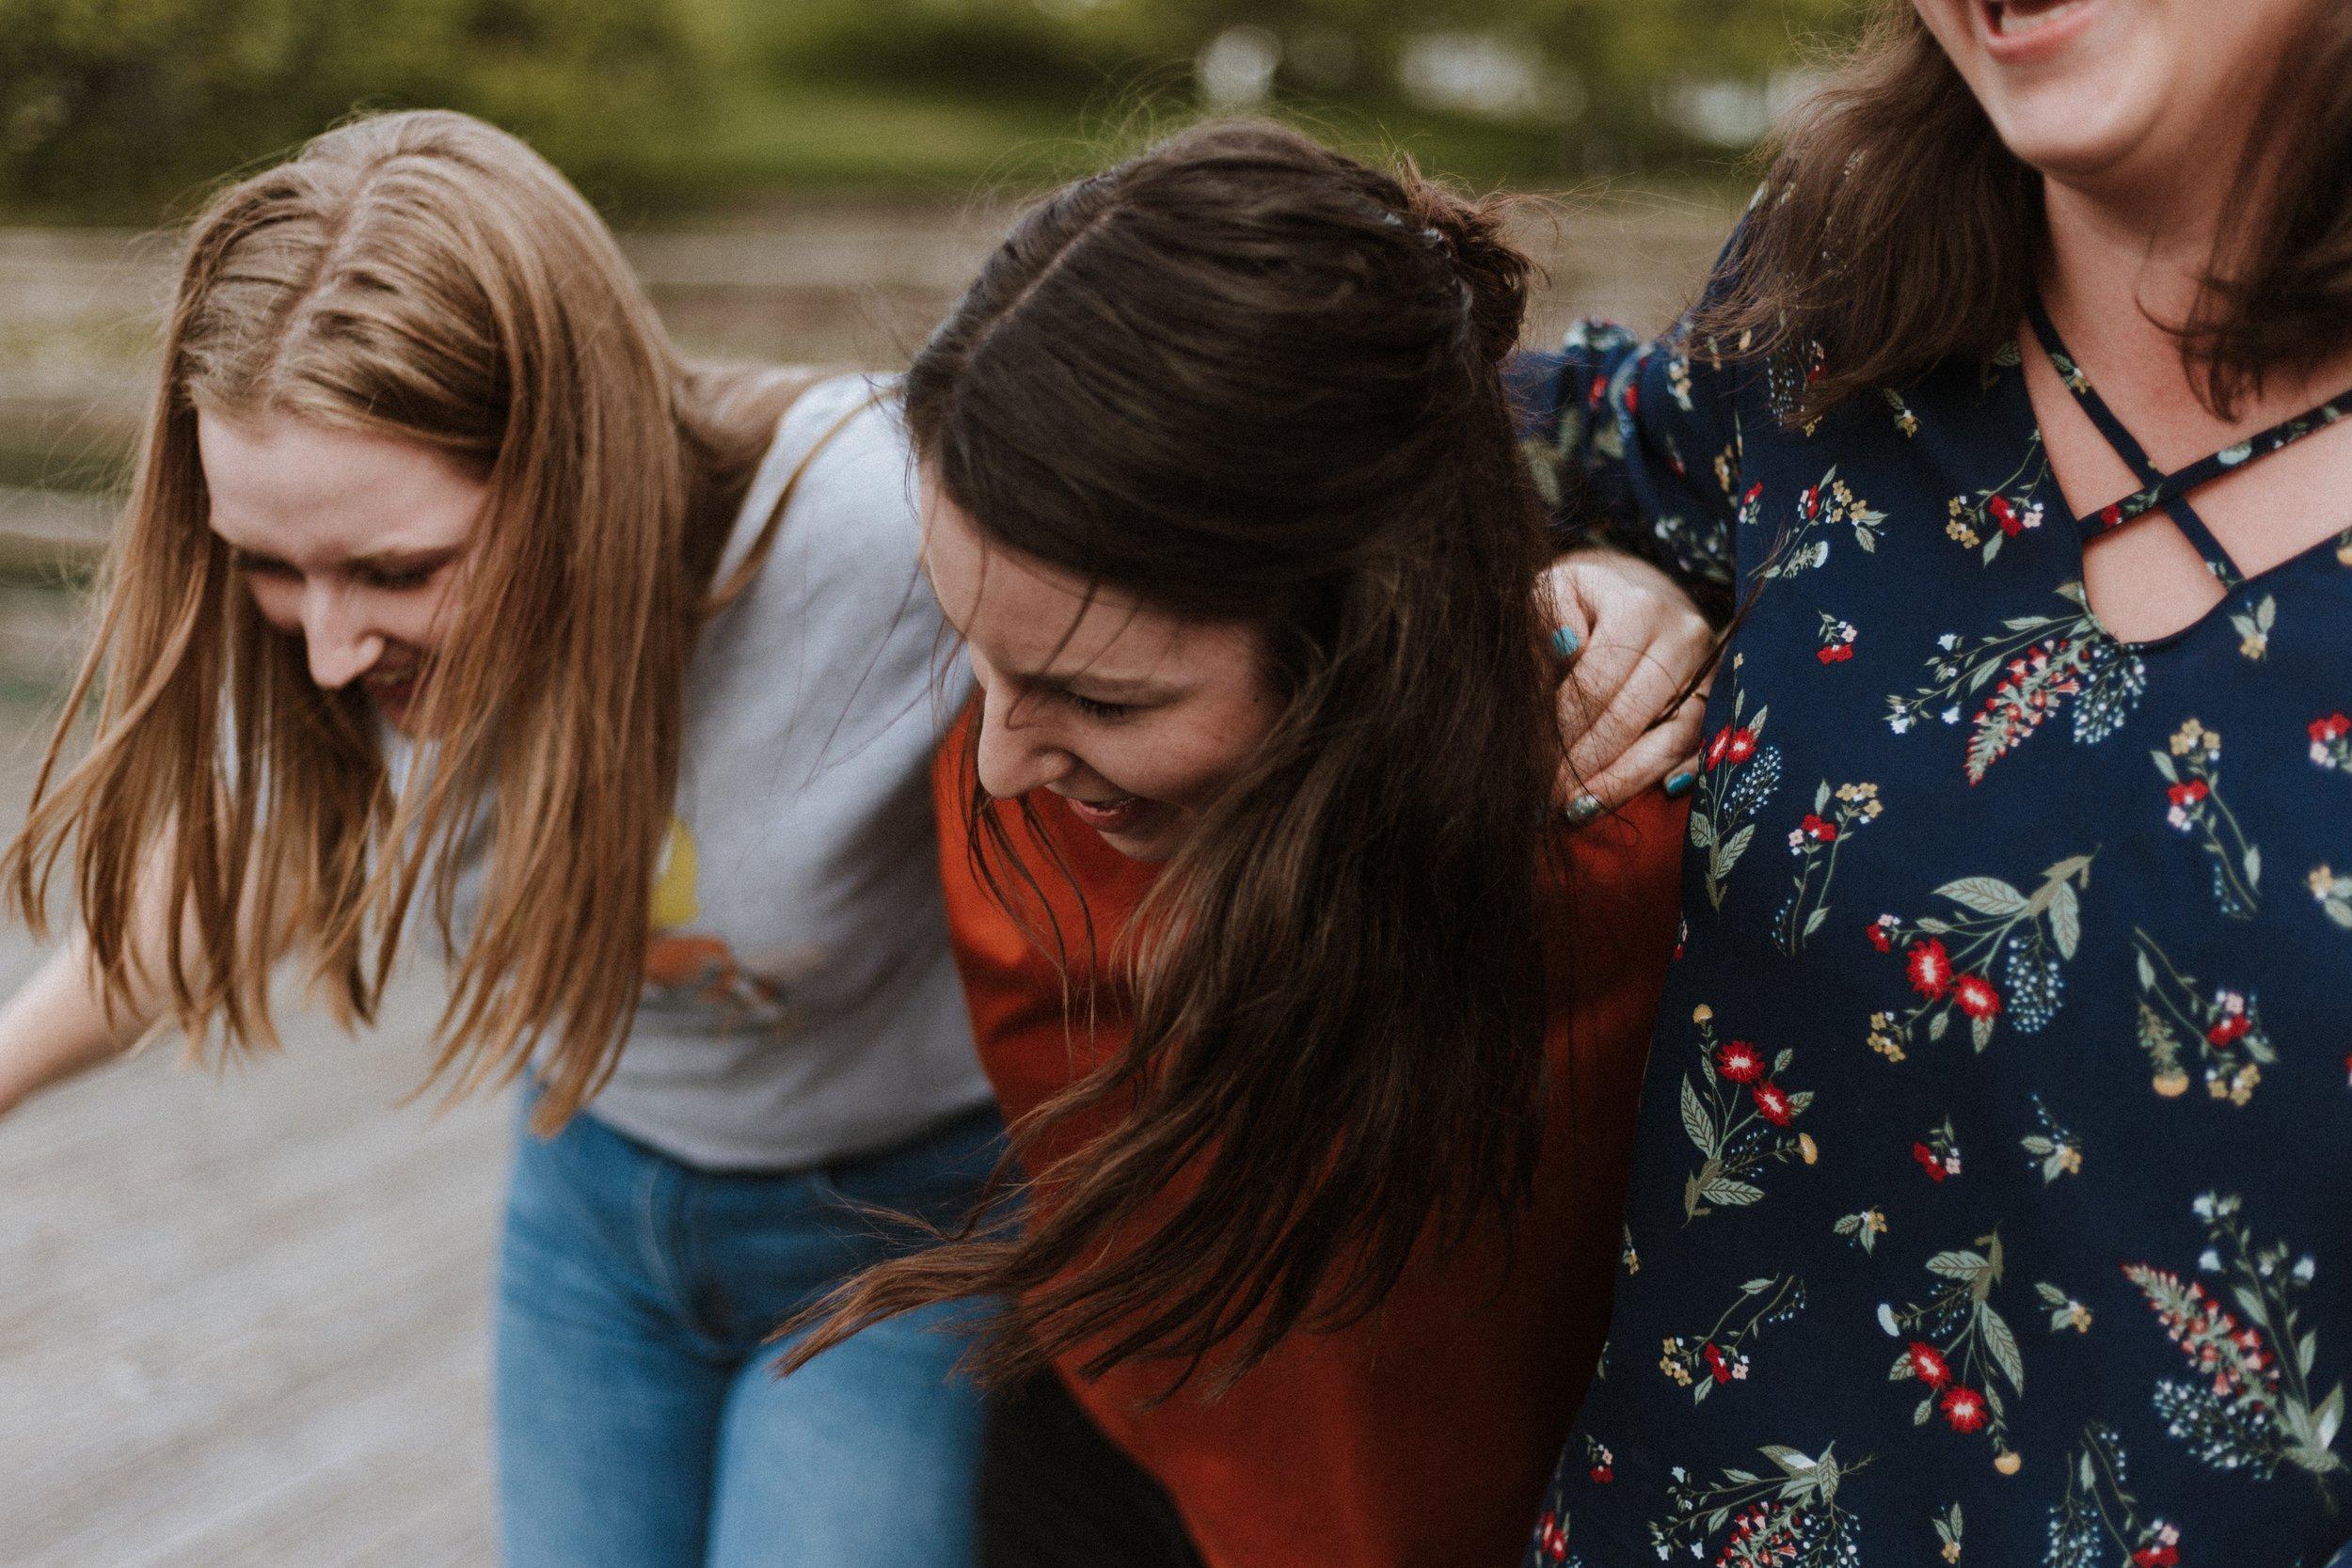 1. Practican la sororidad. - Ya he escrito anteriormente de la sororidad (puedes leerlo aquí). Pero, básicamente, se refiere al concepto de hermandad entre mujeres. La sociedad insiste en compararnos y competir, y que tu hija se involucre en STEM –por la naturaleza de las actividades– también le exige poner en práctica estas habilidades de hermandad. Las cuales son cruciales para avanzar el movimiento feminista.